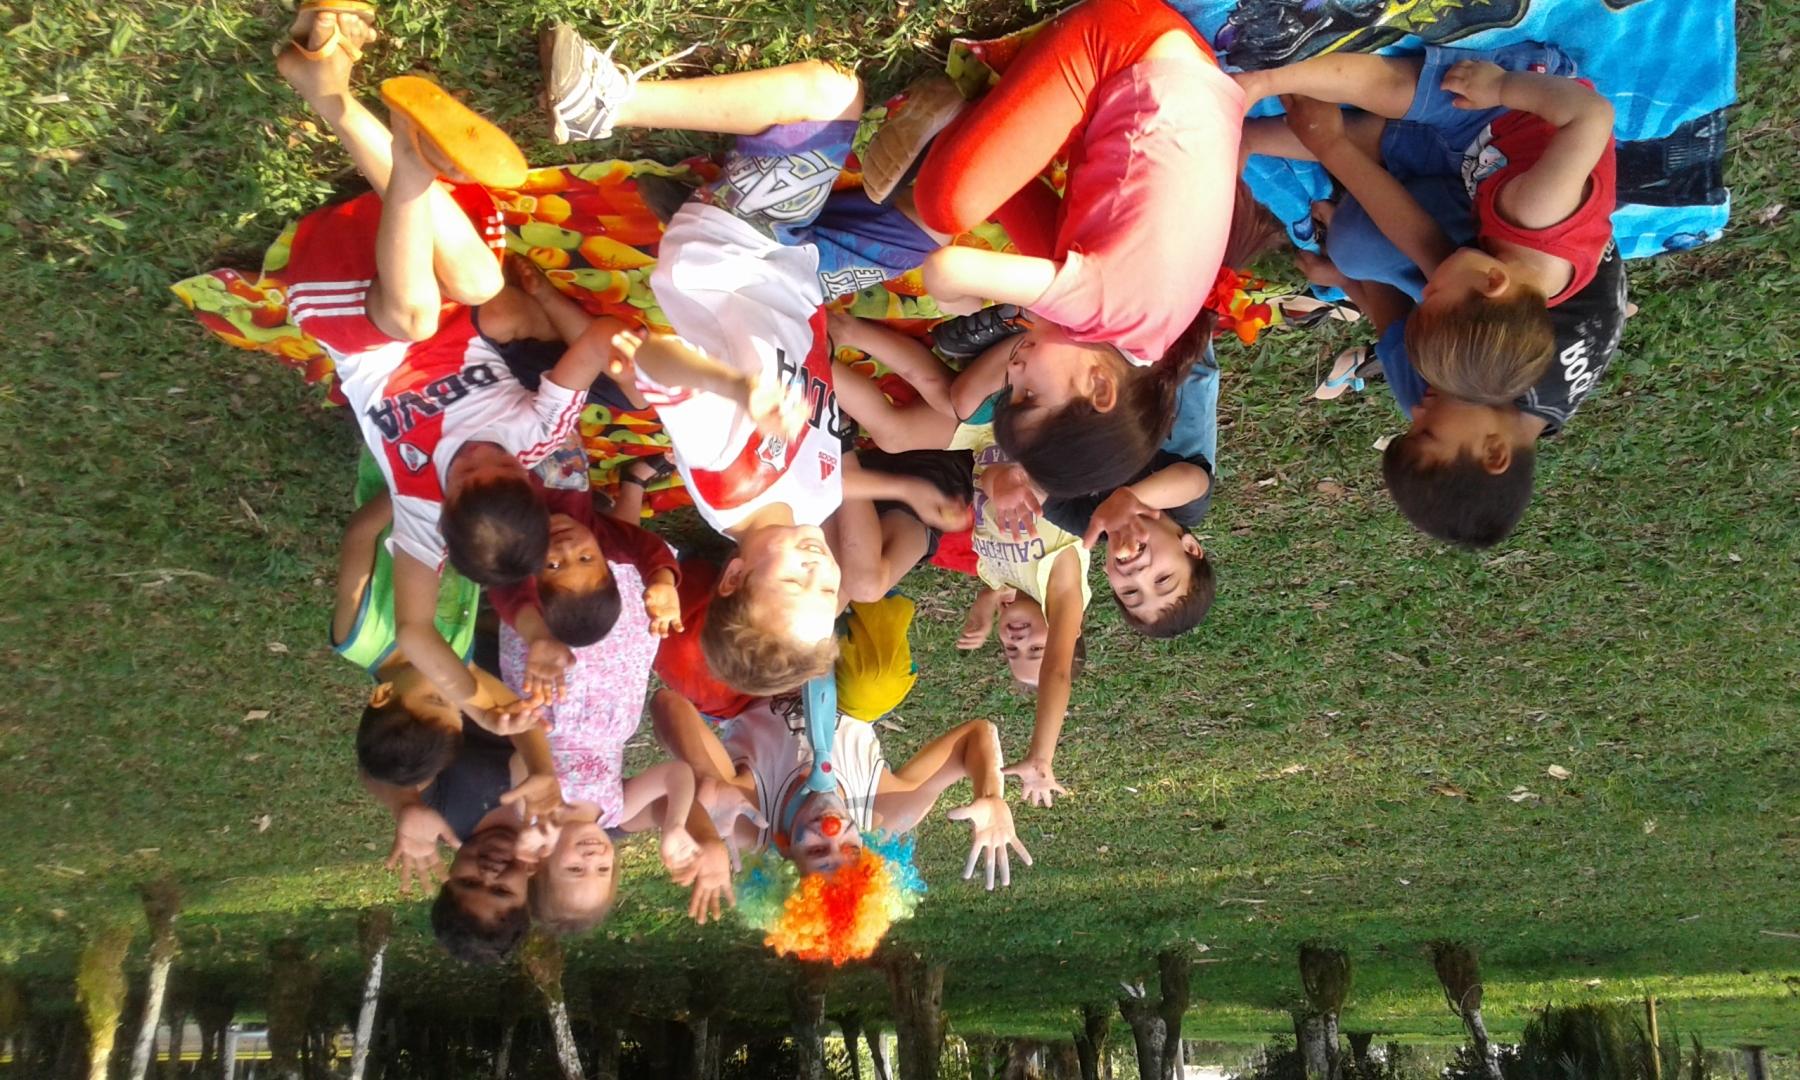 celebrando-la-niez-y-la-juventud_37569676961_o